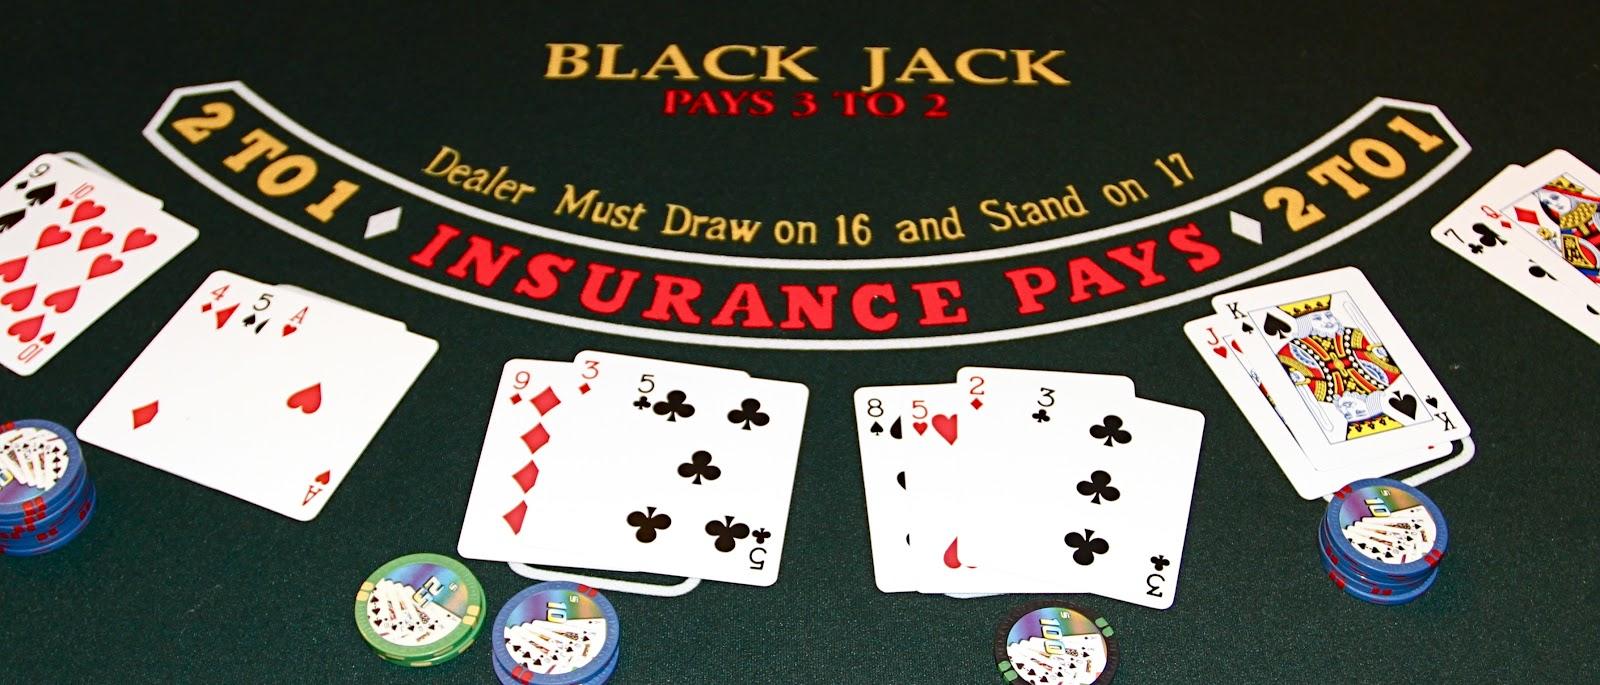 imagesblack-jack-8.jpg